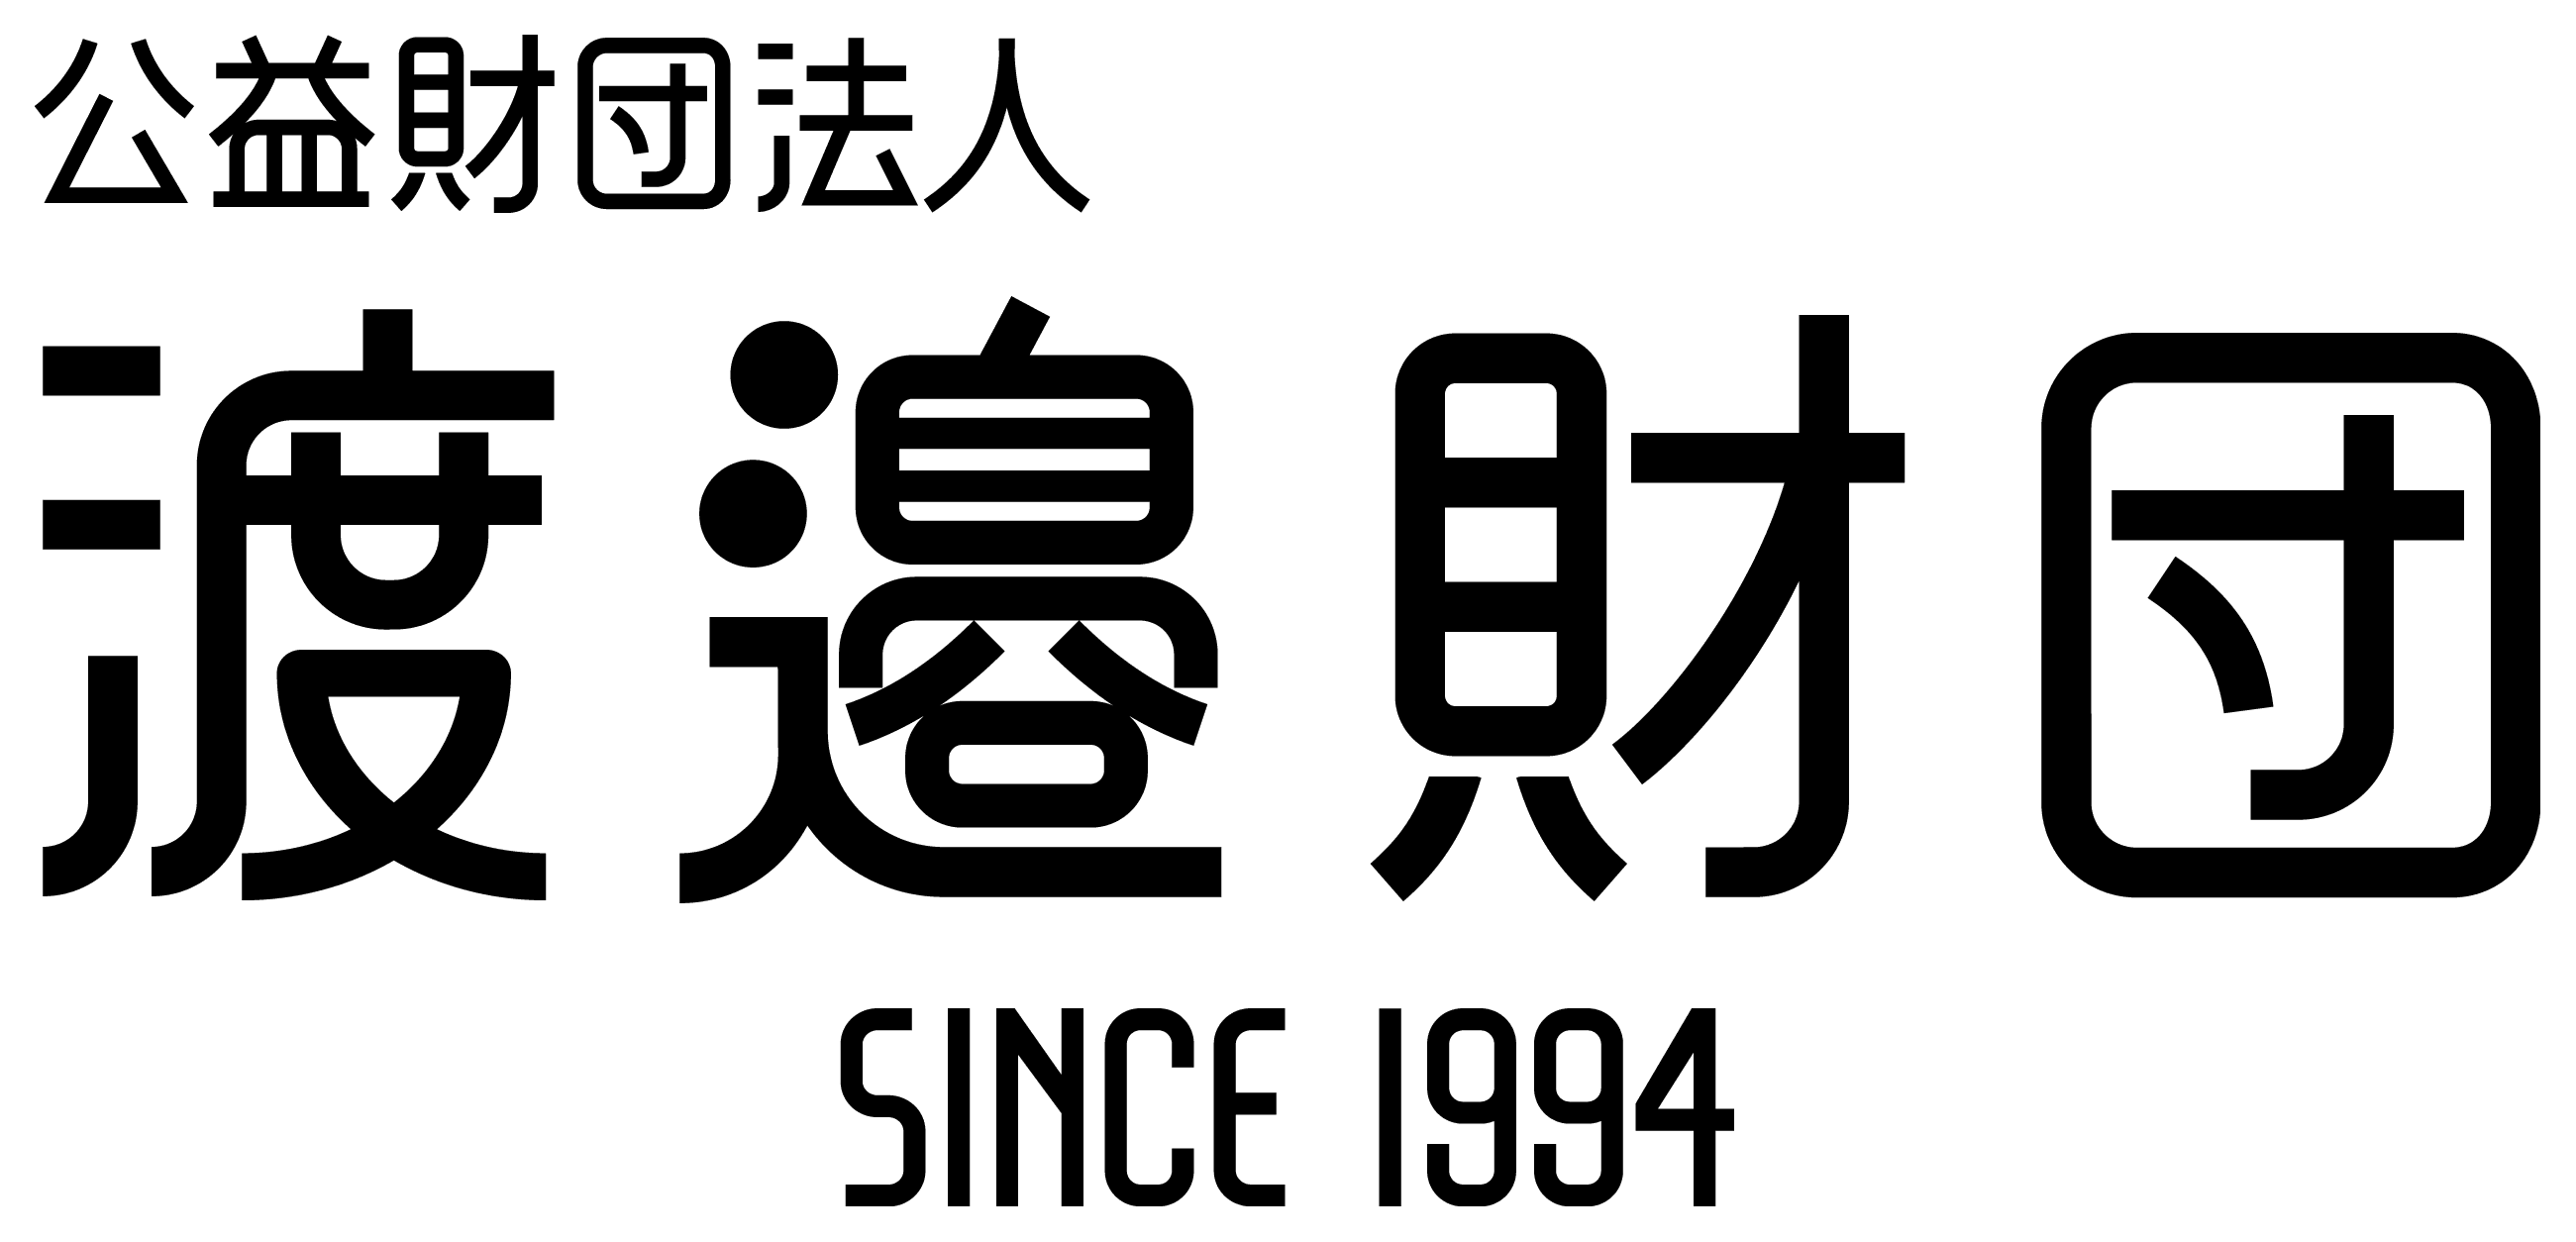 公益財団法人 渡邉財団(旧磁気健康科学研究振興財団)